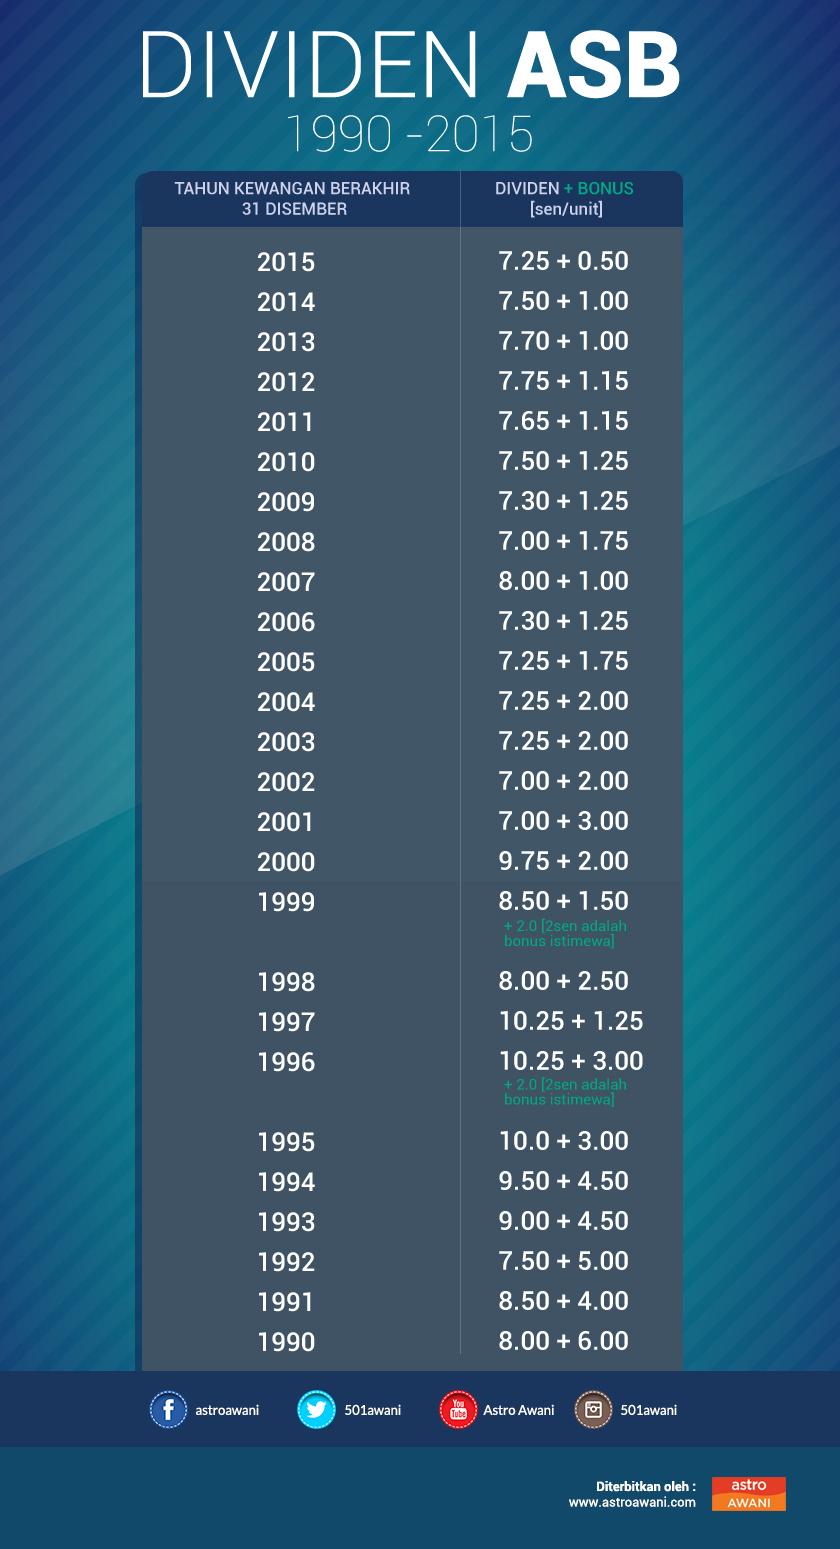 Dividen dan bonus ASB dari tahun 1990 - 2015